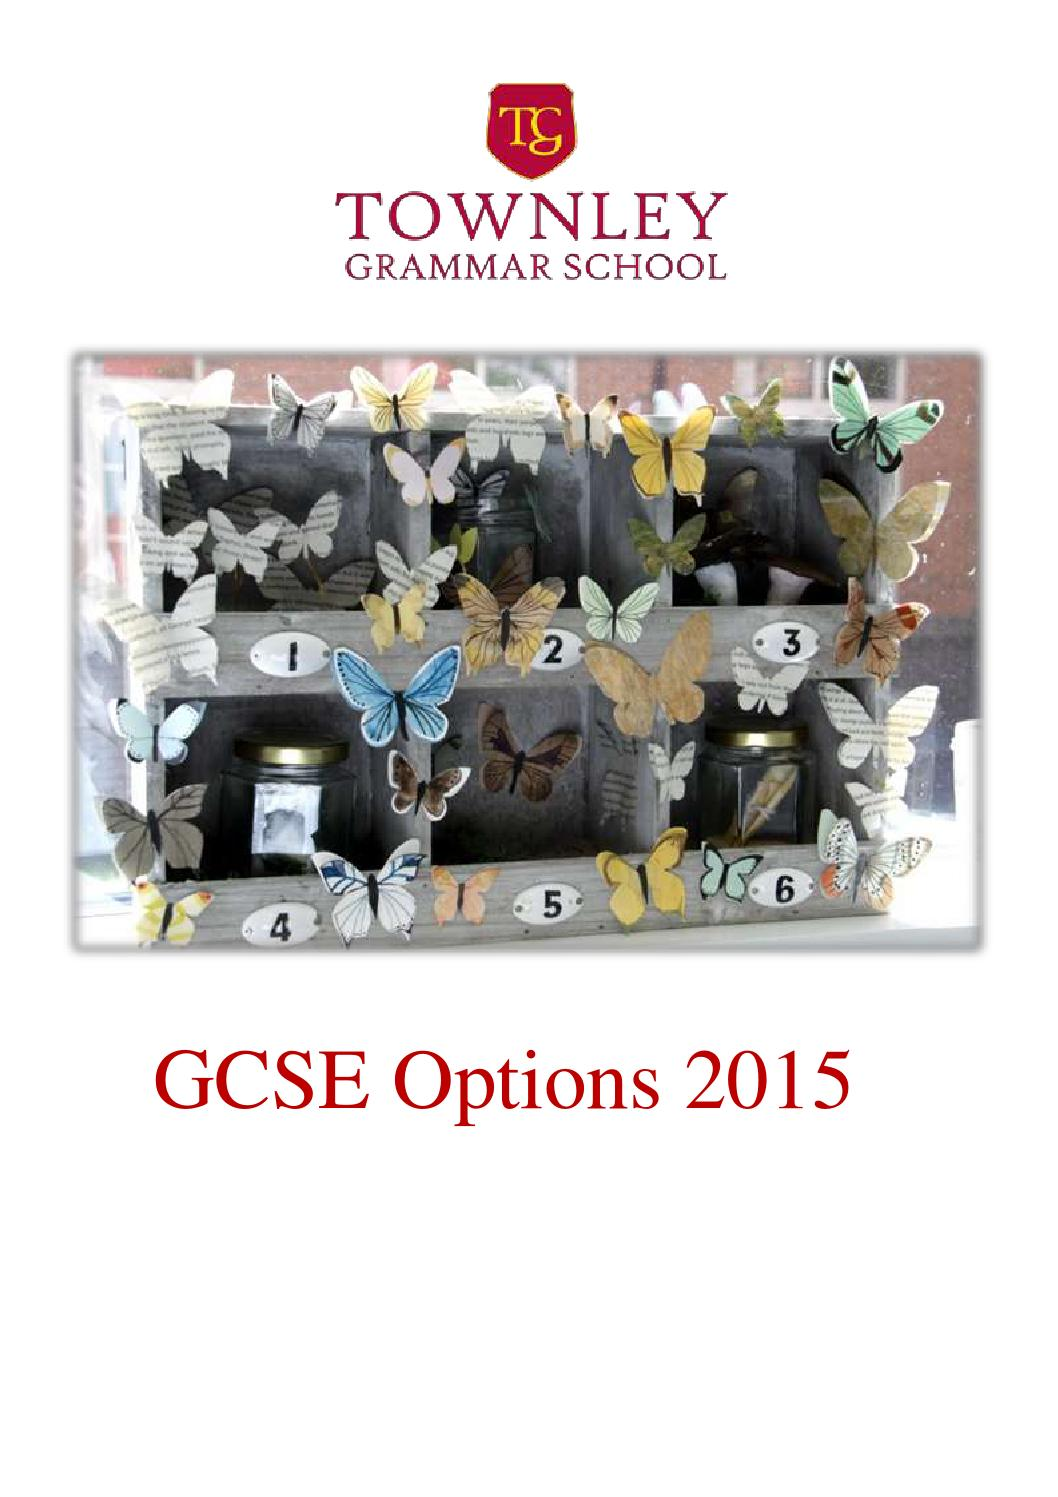 Best gcse options for university